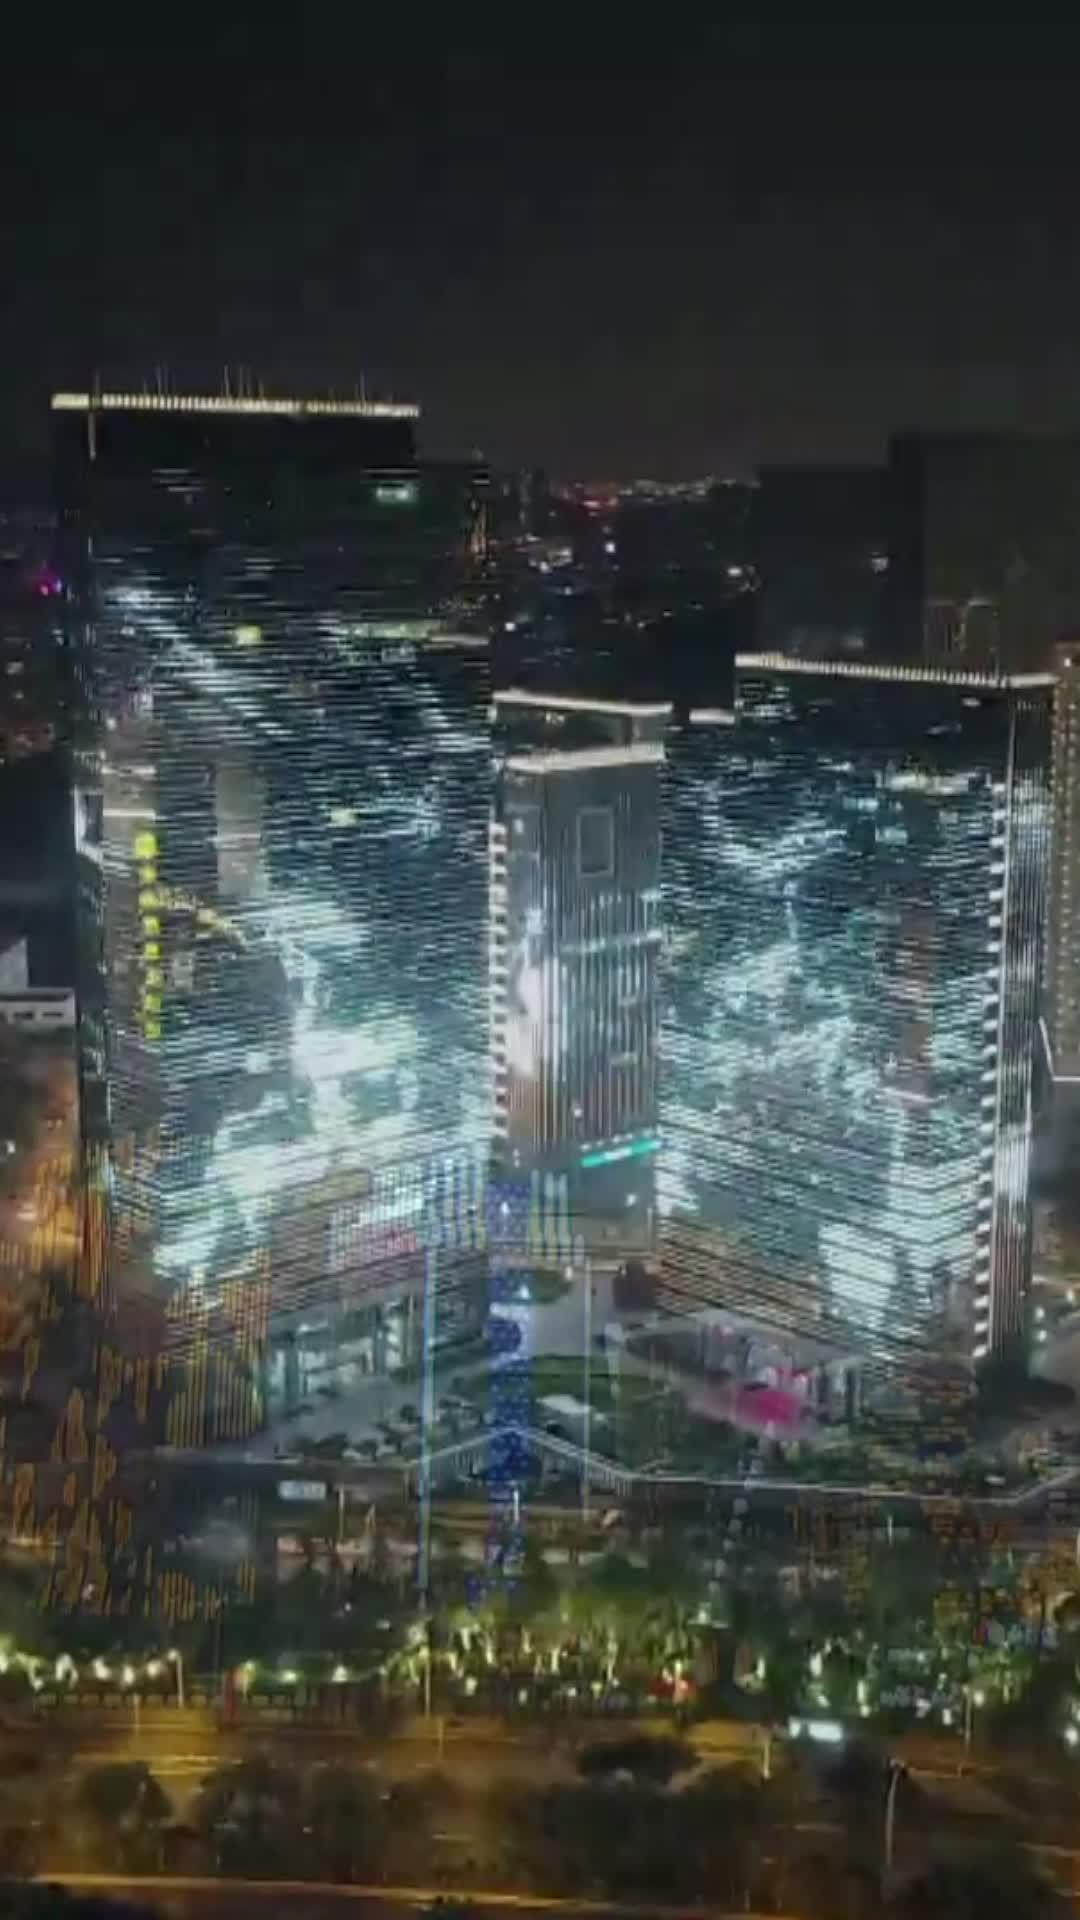 [视频]我爱你中国 颜值爆表 绚丽灯光秀点亮鹭岛